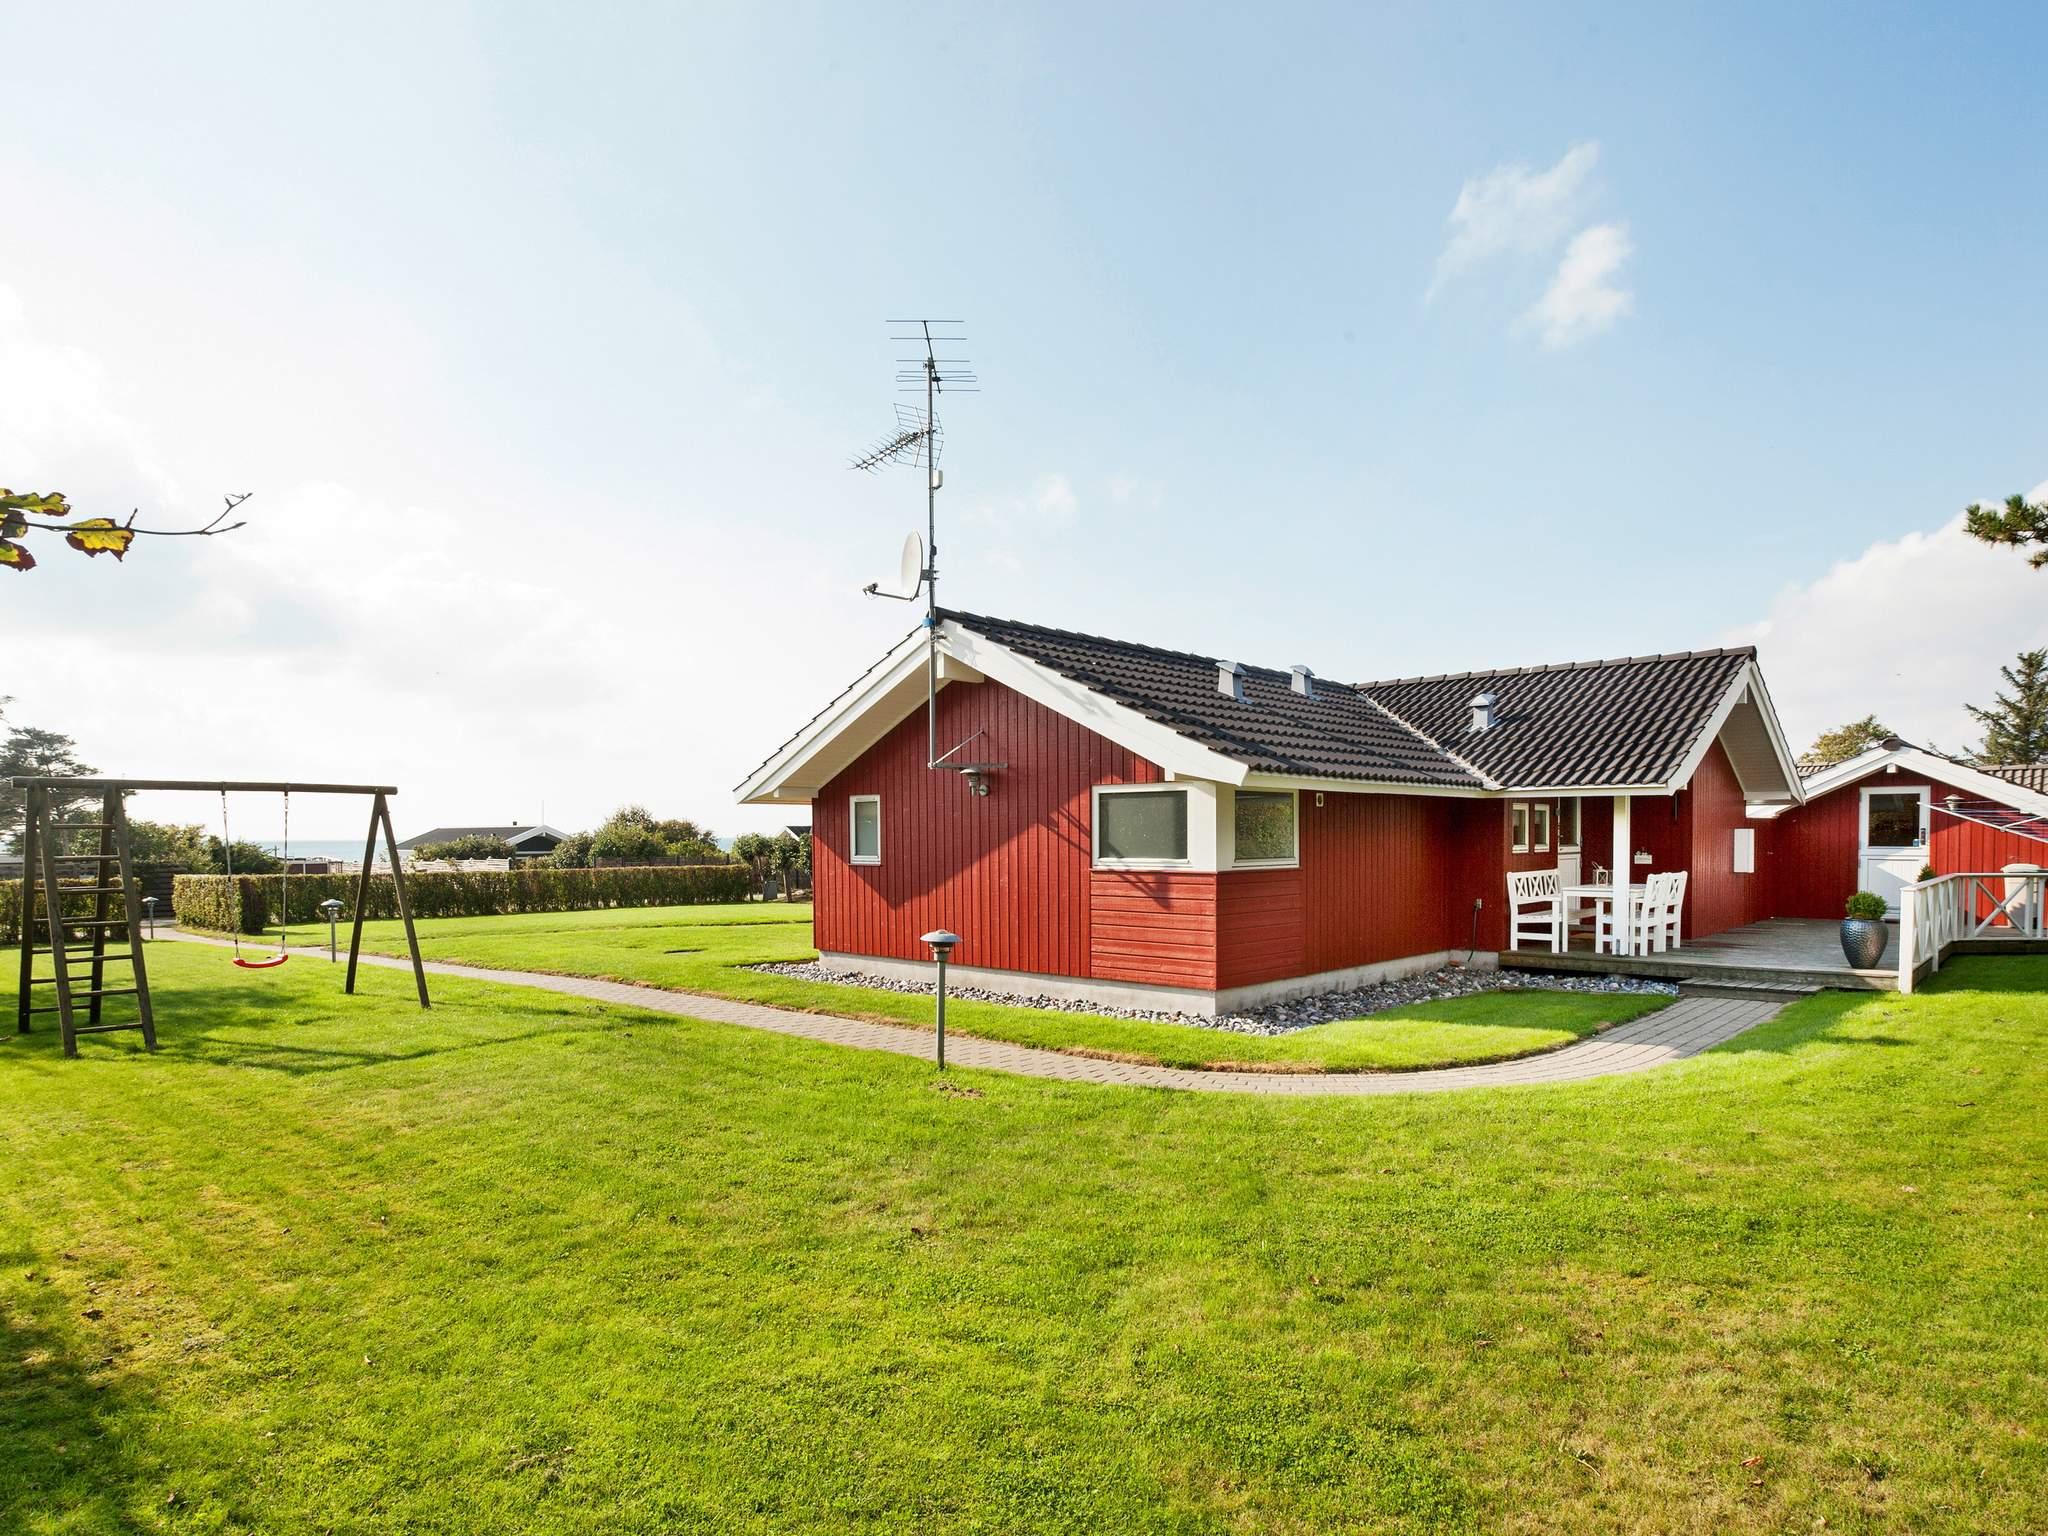 Ferienhaus Kelstrup Strand/Sjælland (84746), Kelstrup, , Westseeland, Dänemark, Bild 14